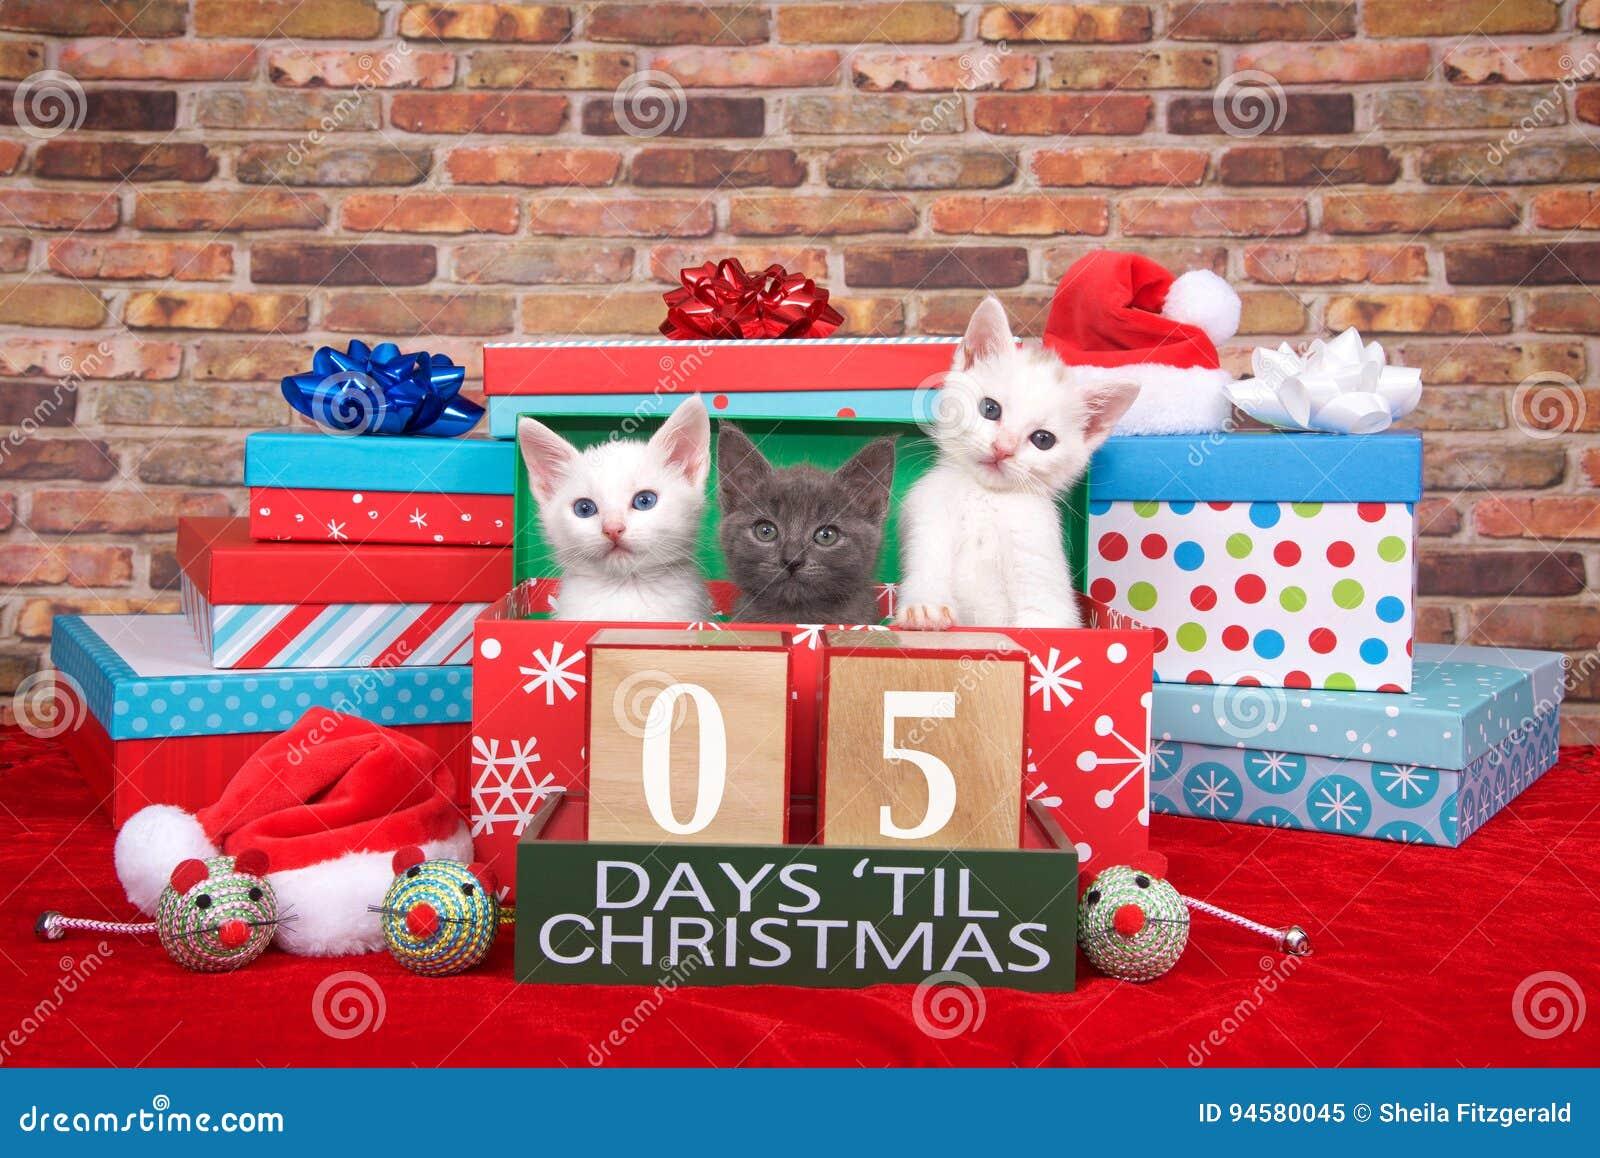 Katjes vijf dagen til Kerstmis